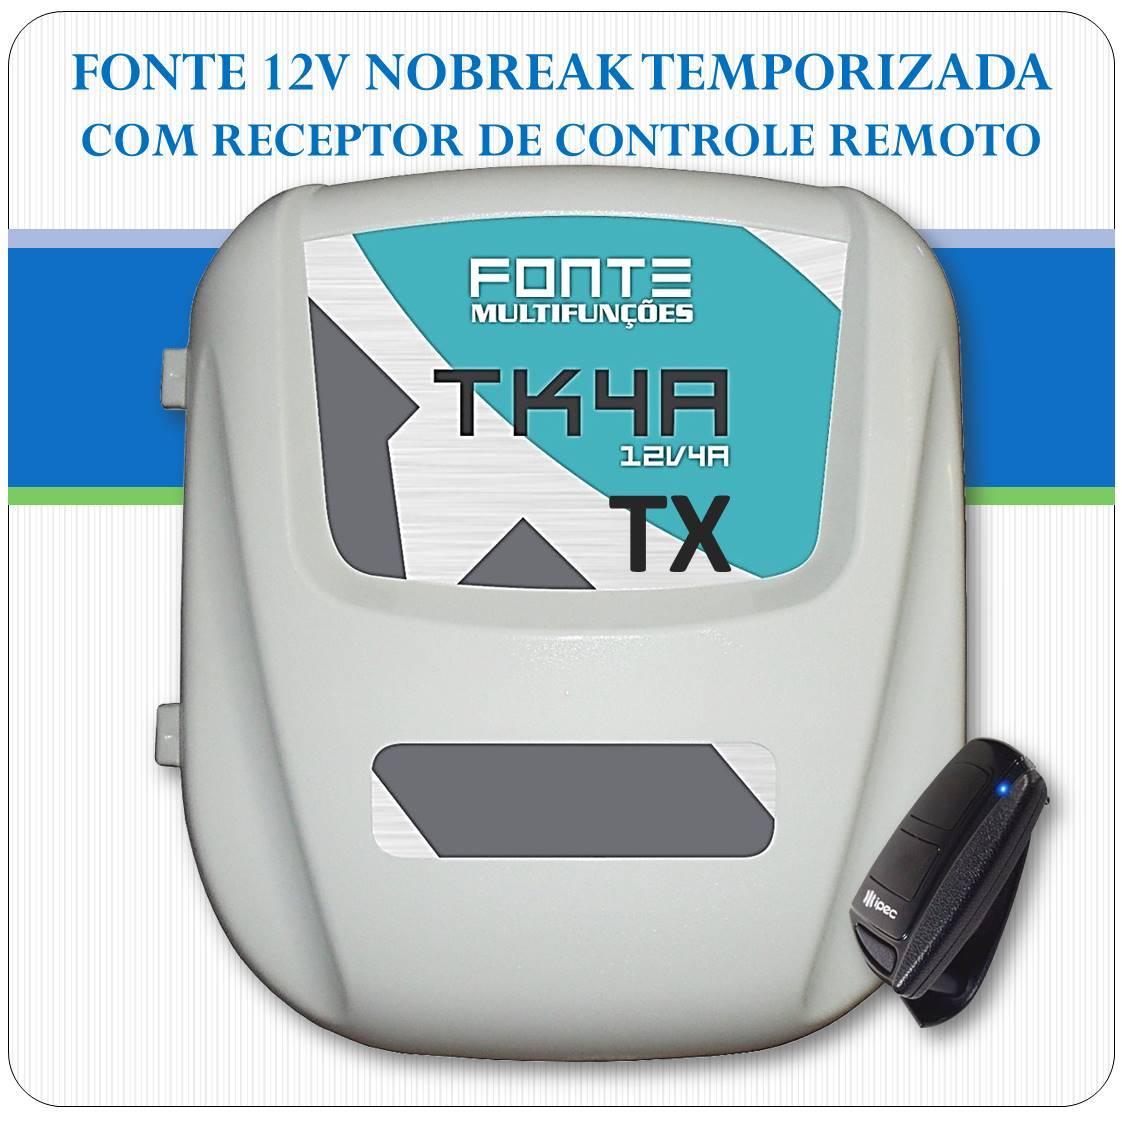 Fonte de Alimentação com Nobreak 12Vcc 7A - Temporizada - TX